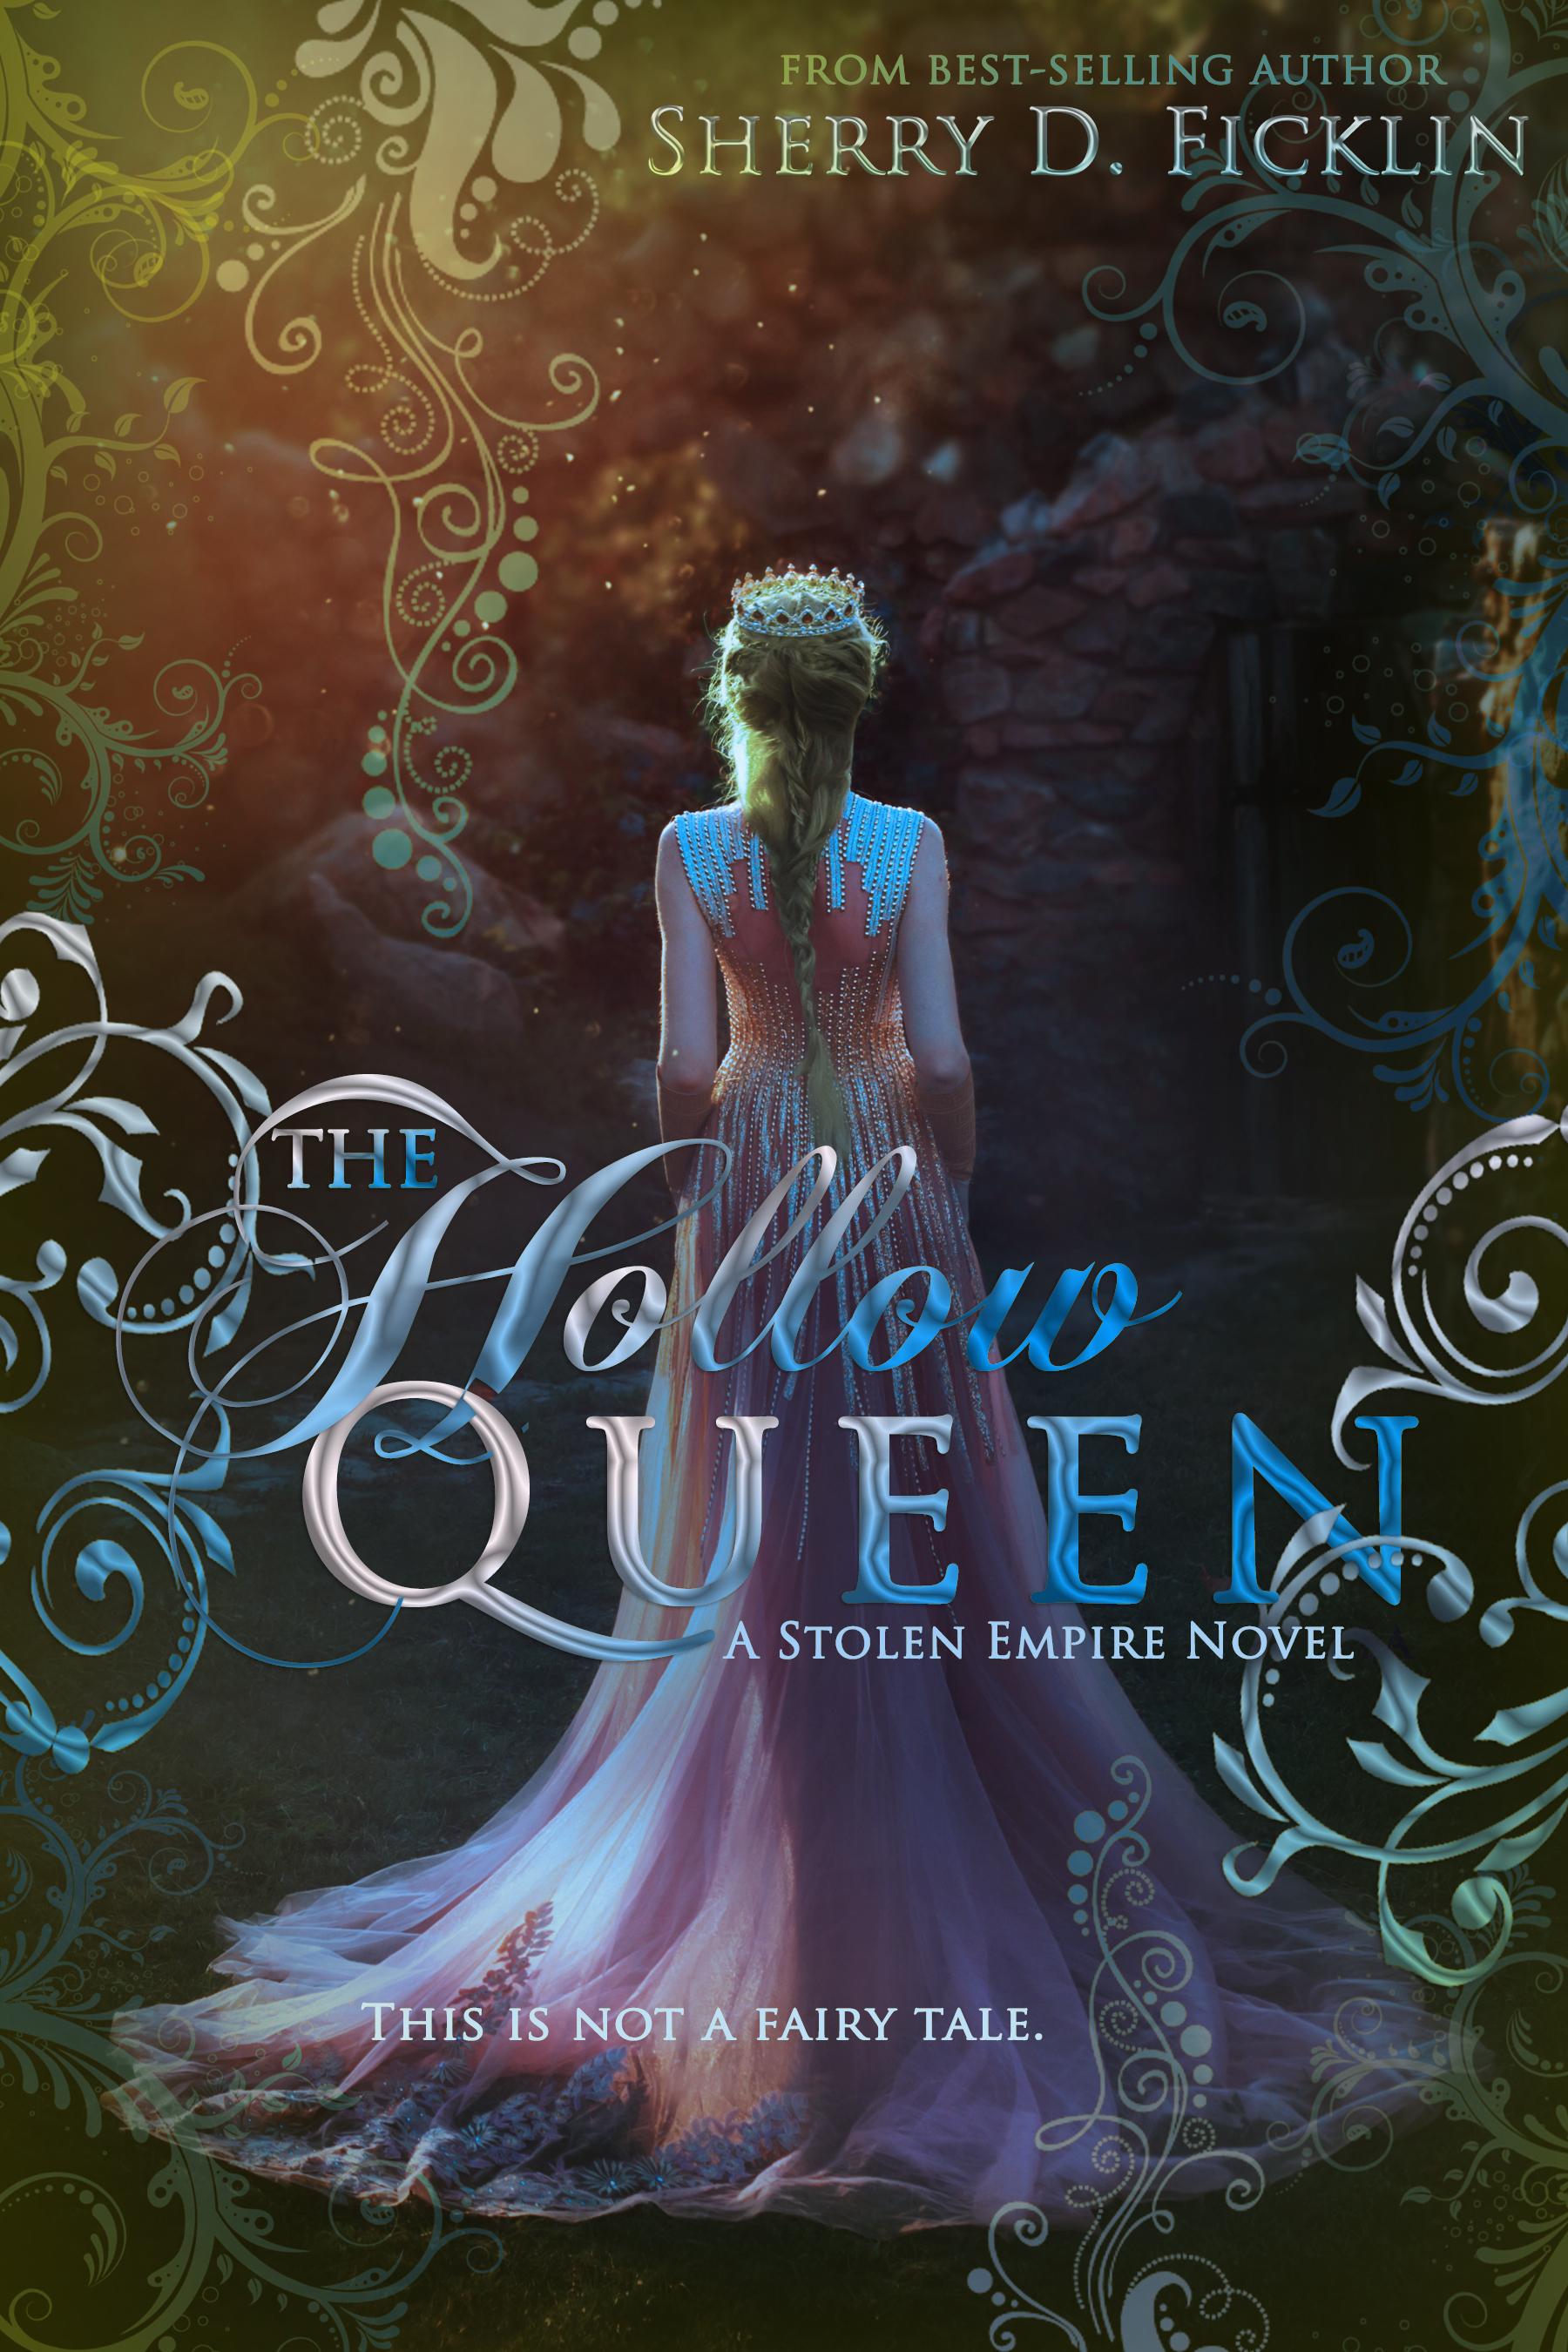 Ebook - Hollow Queen.jpg